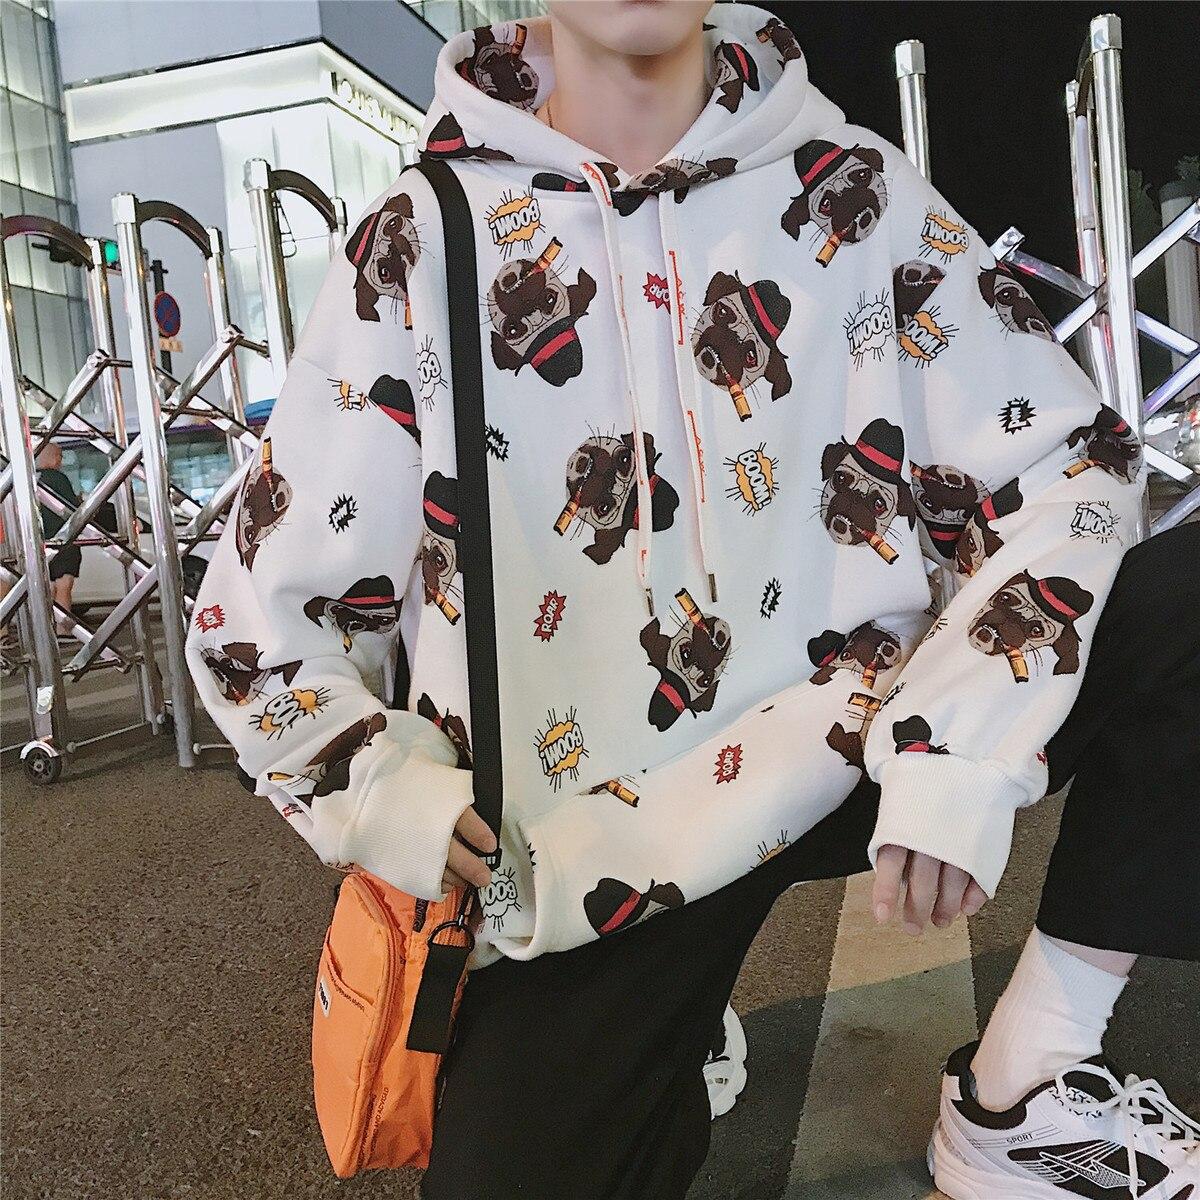 2018 hommes marque de mode vêtements pull dessin animé impression mâle sweat à capuche coton pulls décontractés blanc/gris manteaux M-XL - 4